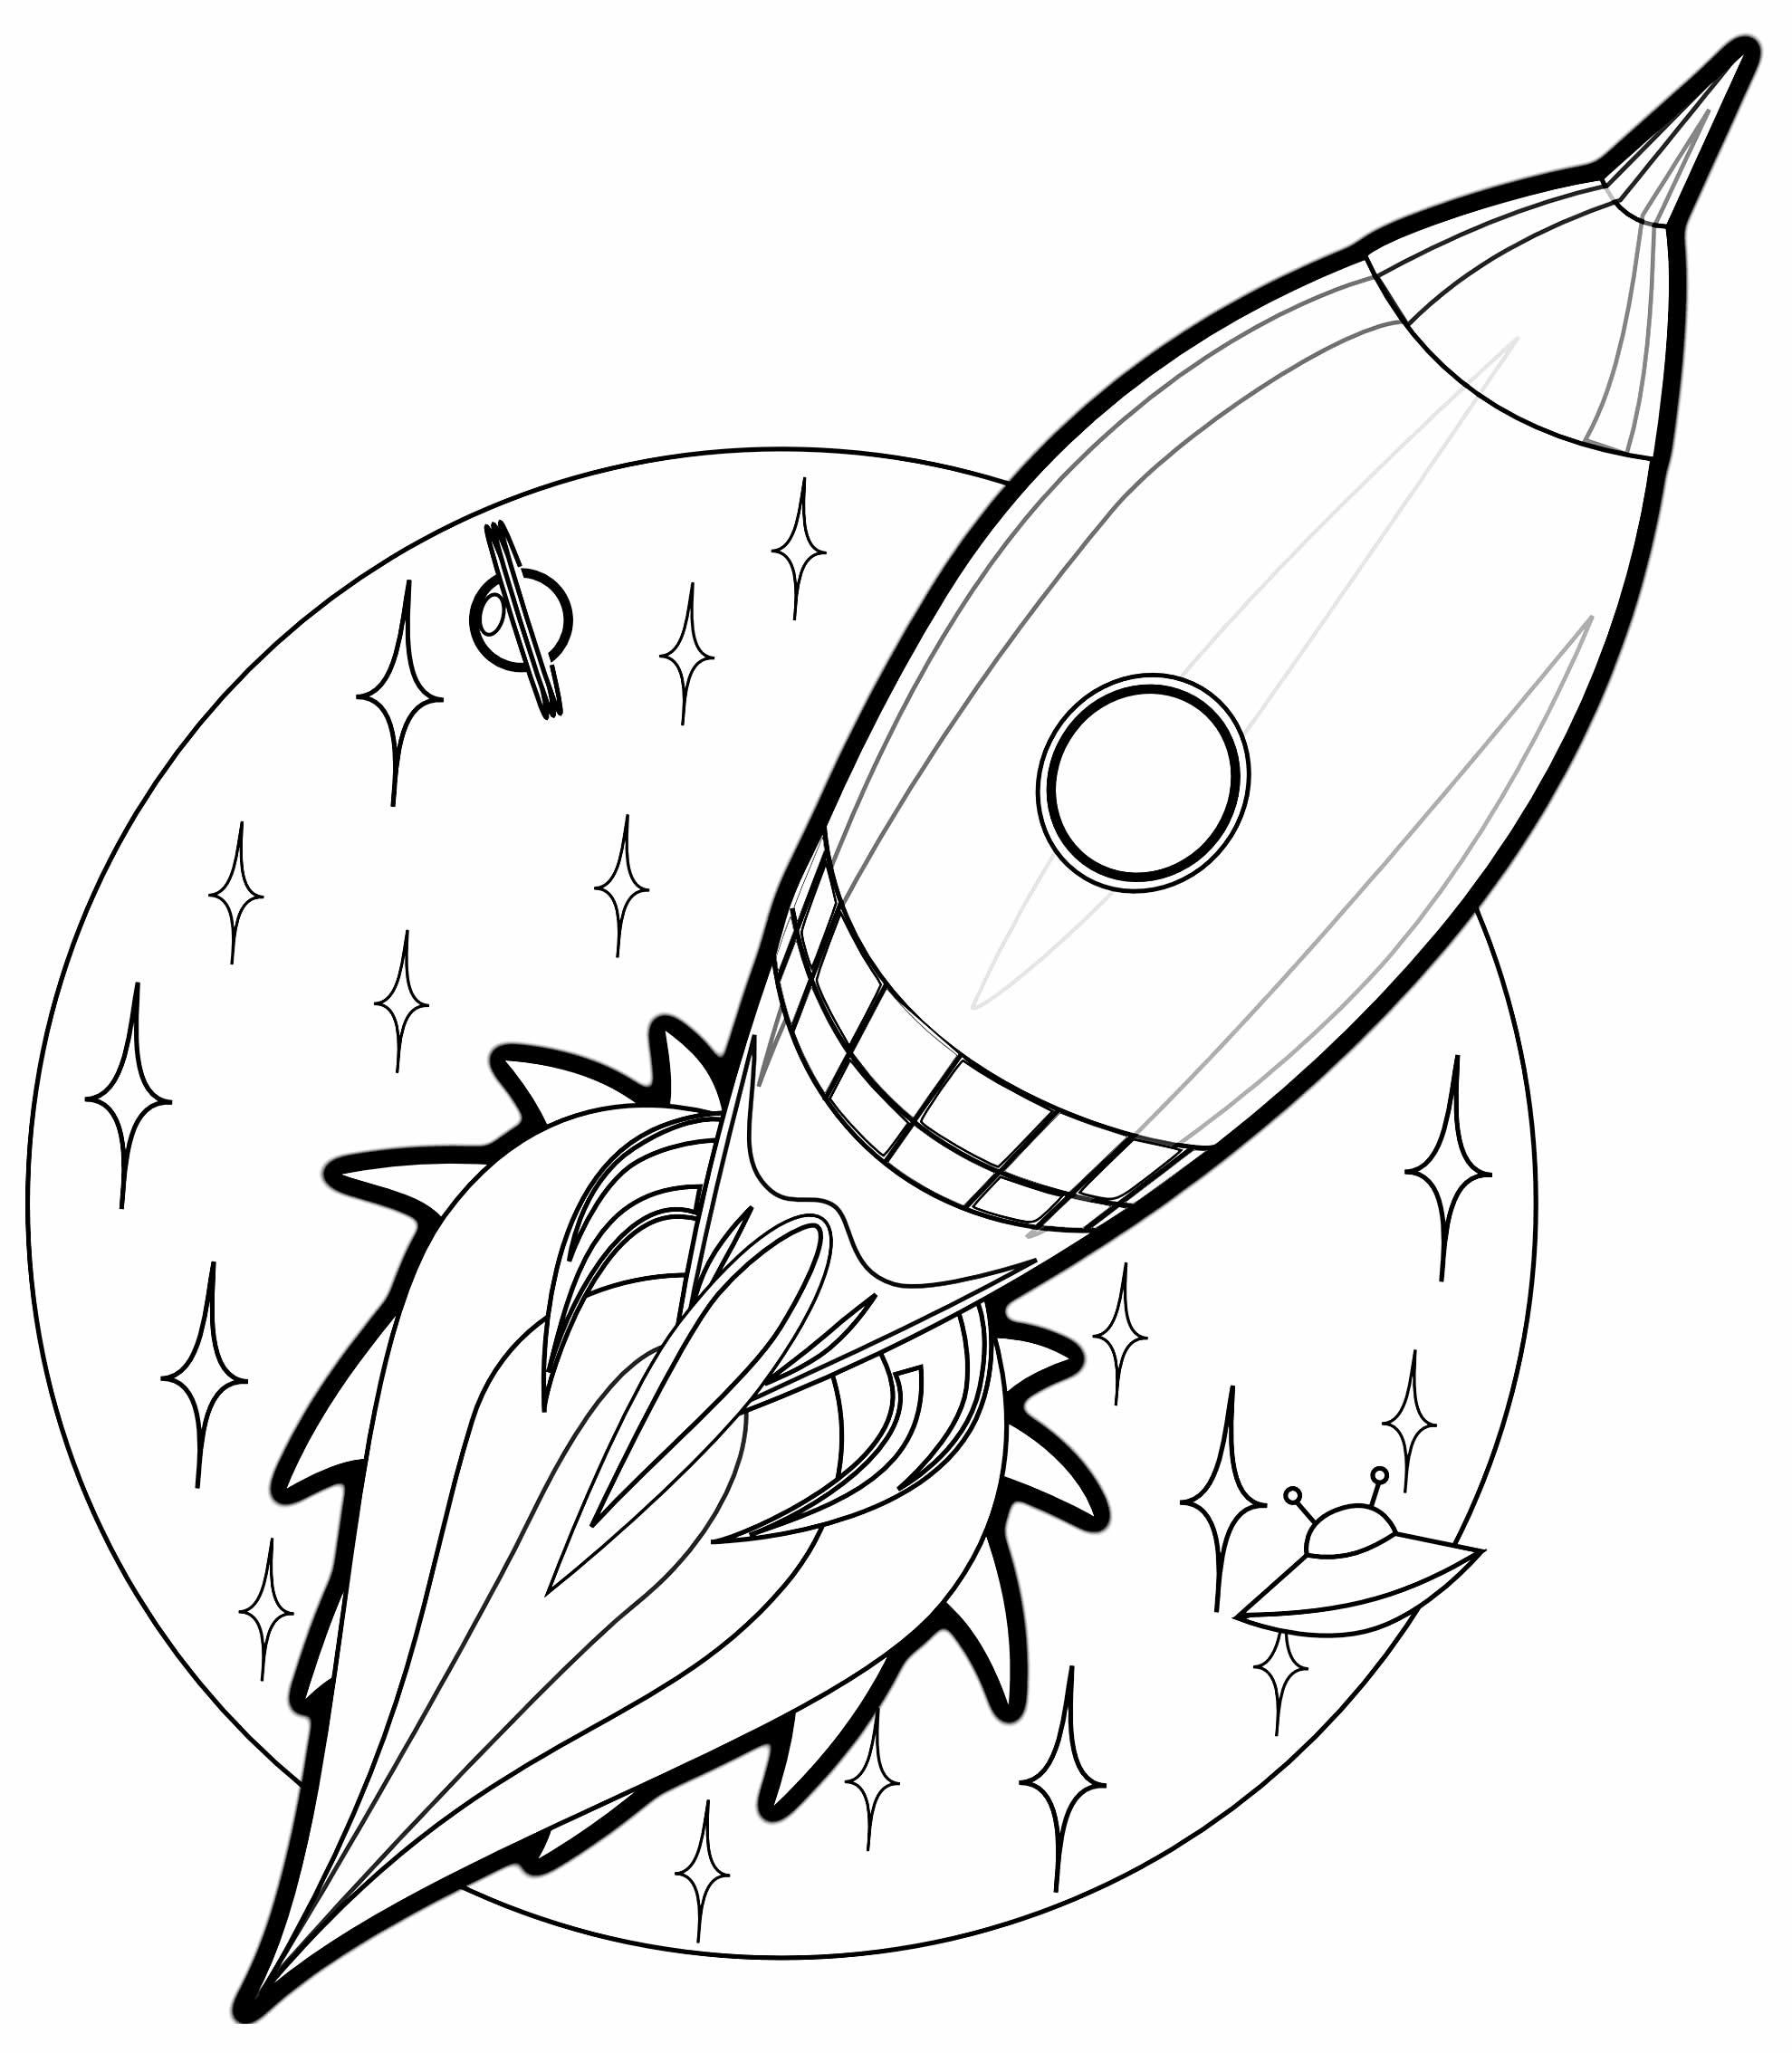 Desenho de Foguete Espacial para colorir